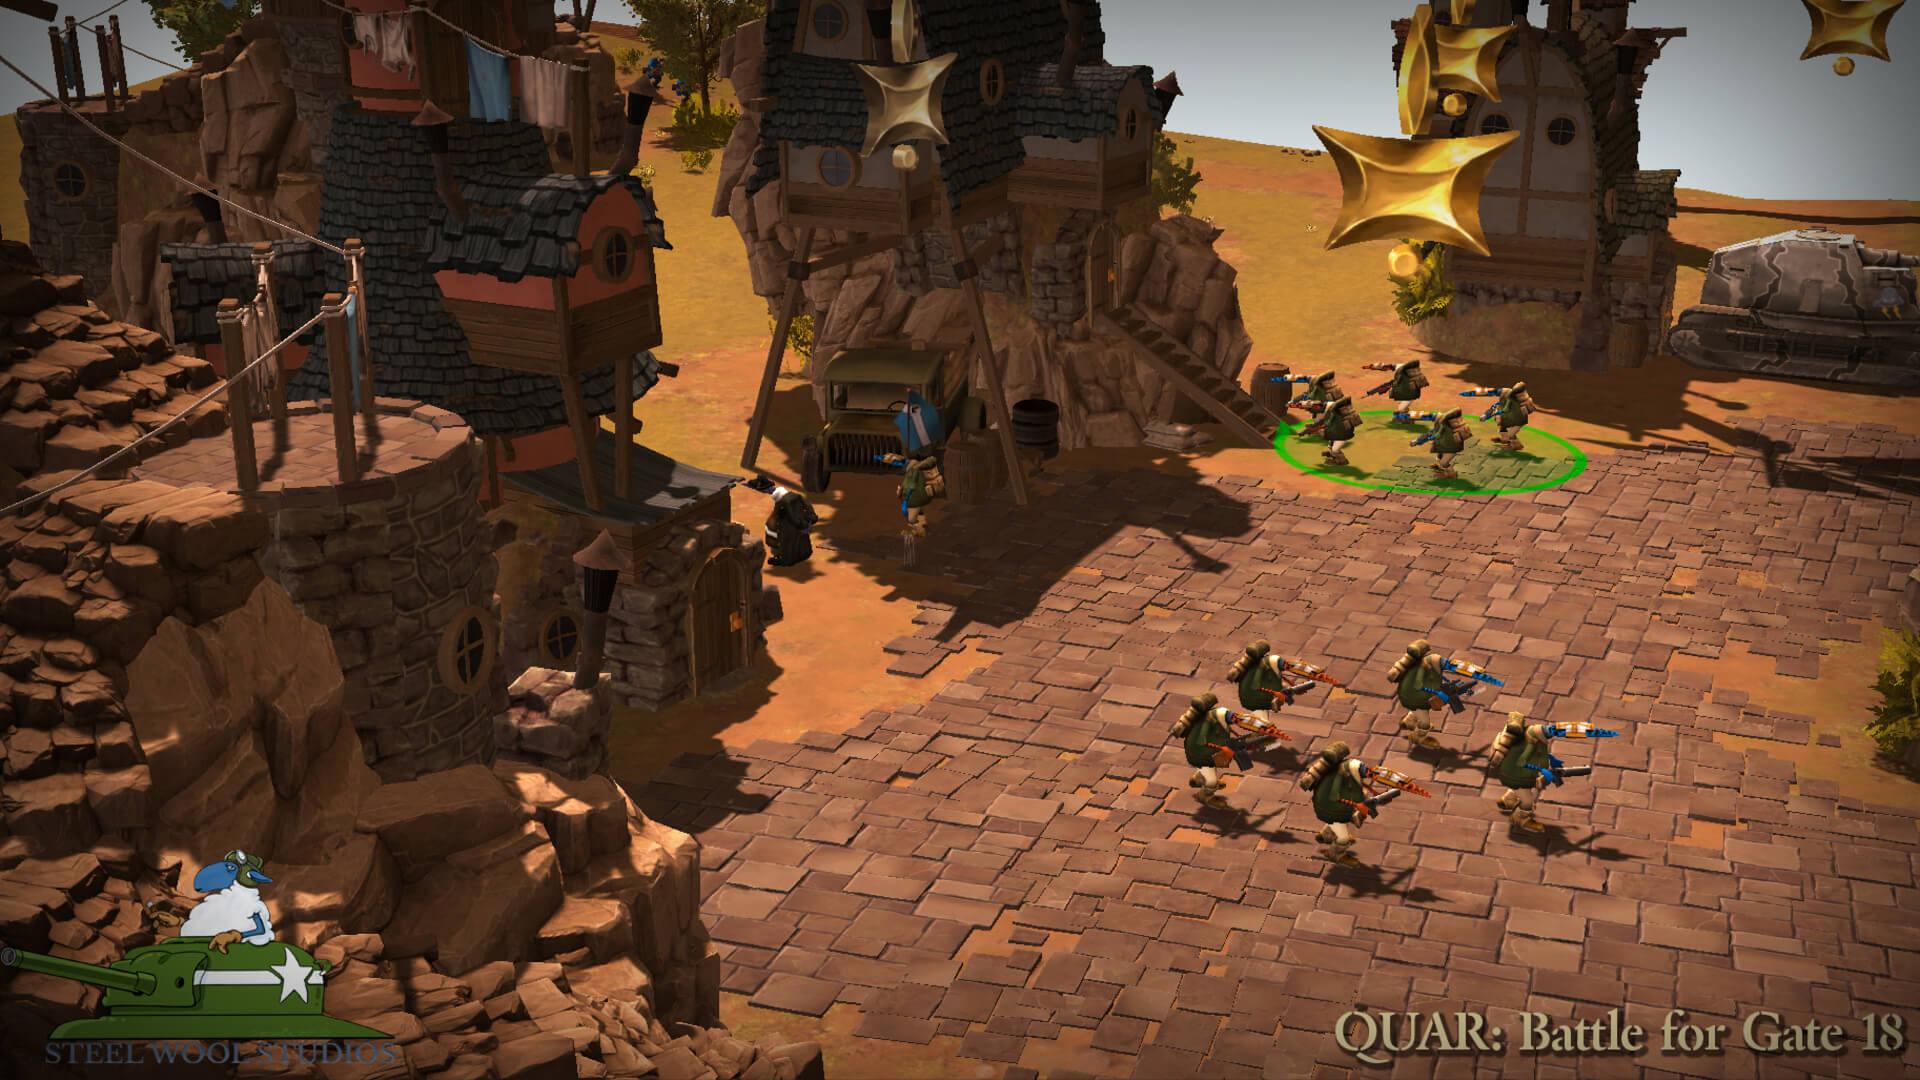 Quar-Battle-for-Gate-18-PSVR-img005